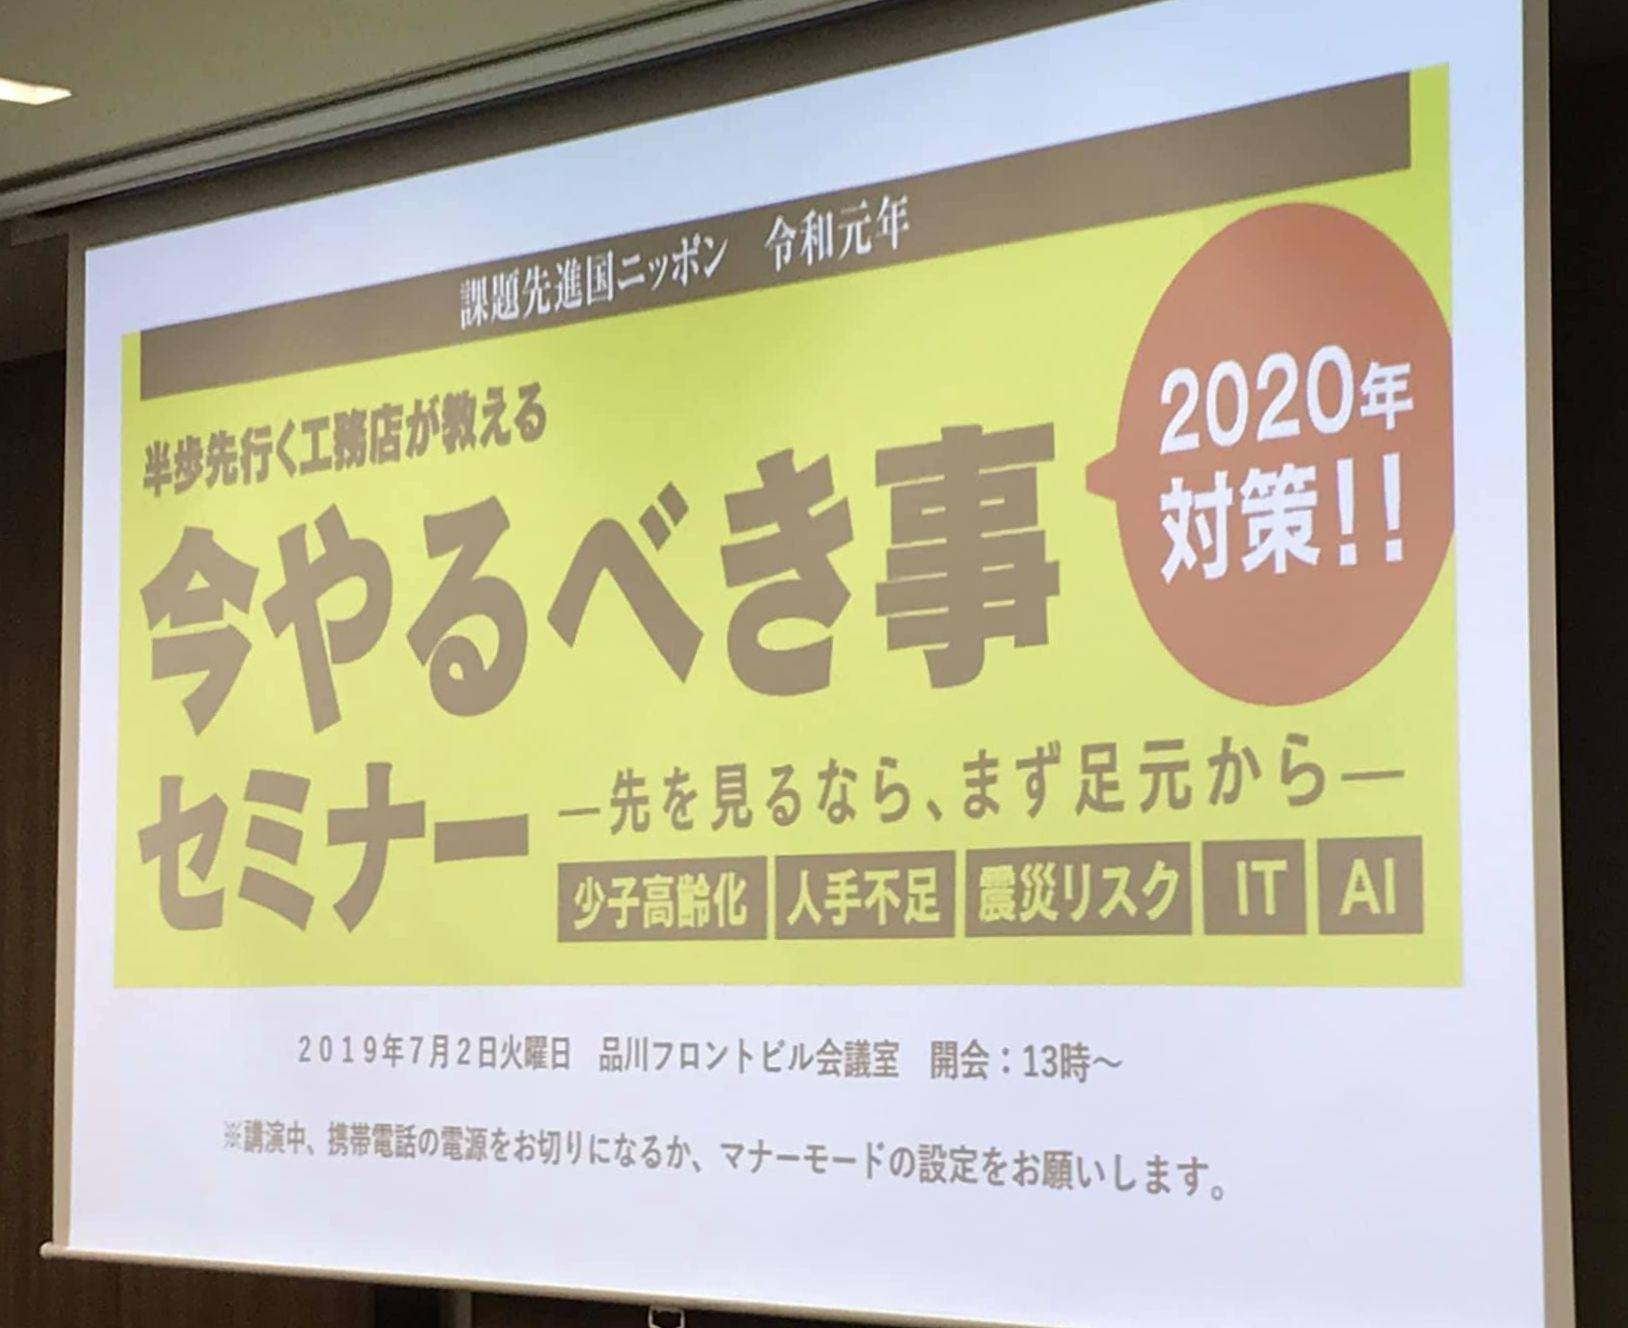 「2020年対策 今やるべき事セミナー」_a0059217_11470253.jpg